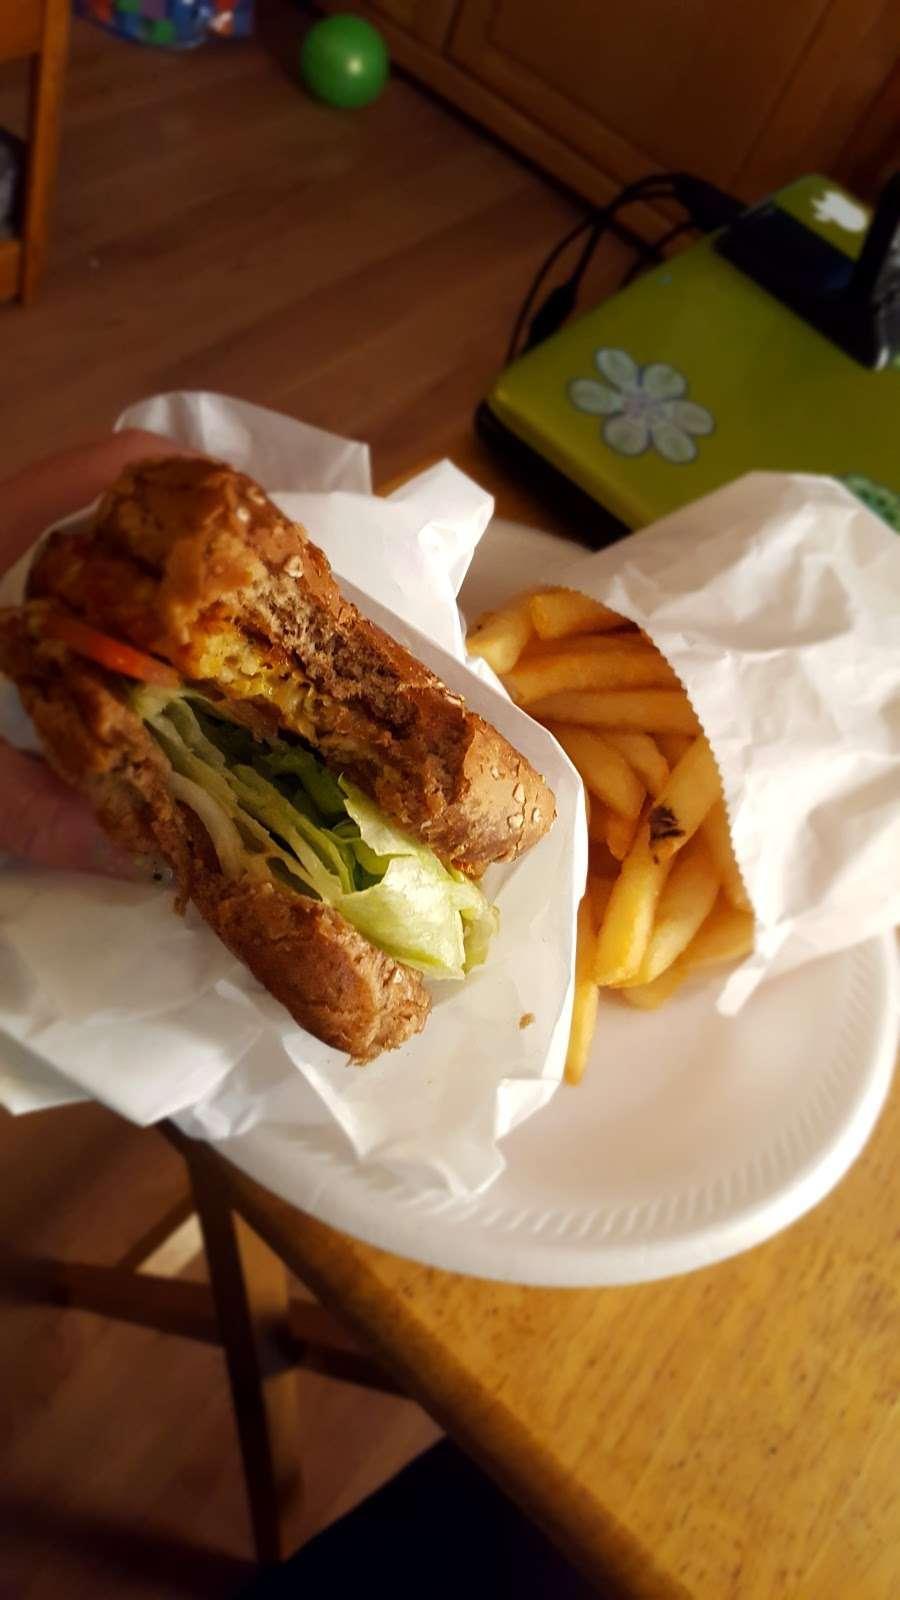 Titan Burgers Chino - restaurant  | Photo 10 of 10 | Address: 5509 Philadelphia St, Chino, CA 91710, USA | Phone: (909) 627-4004